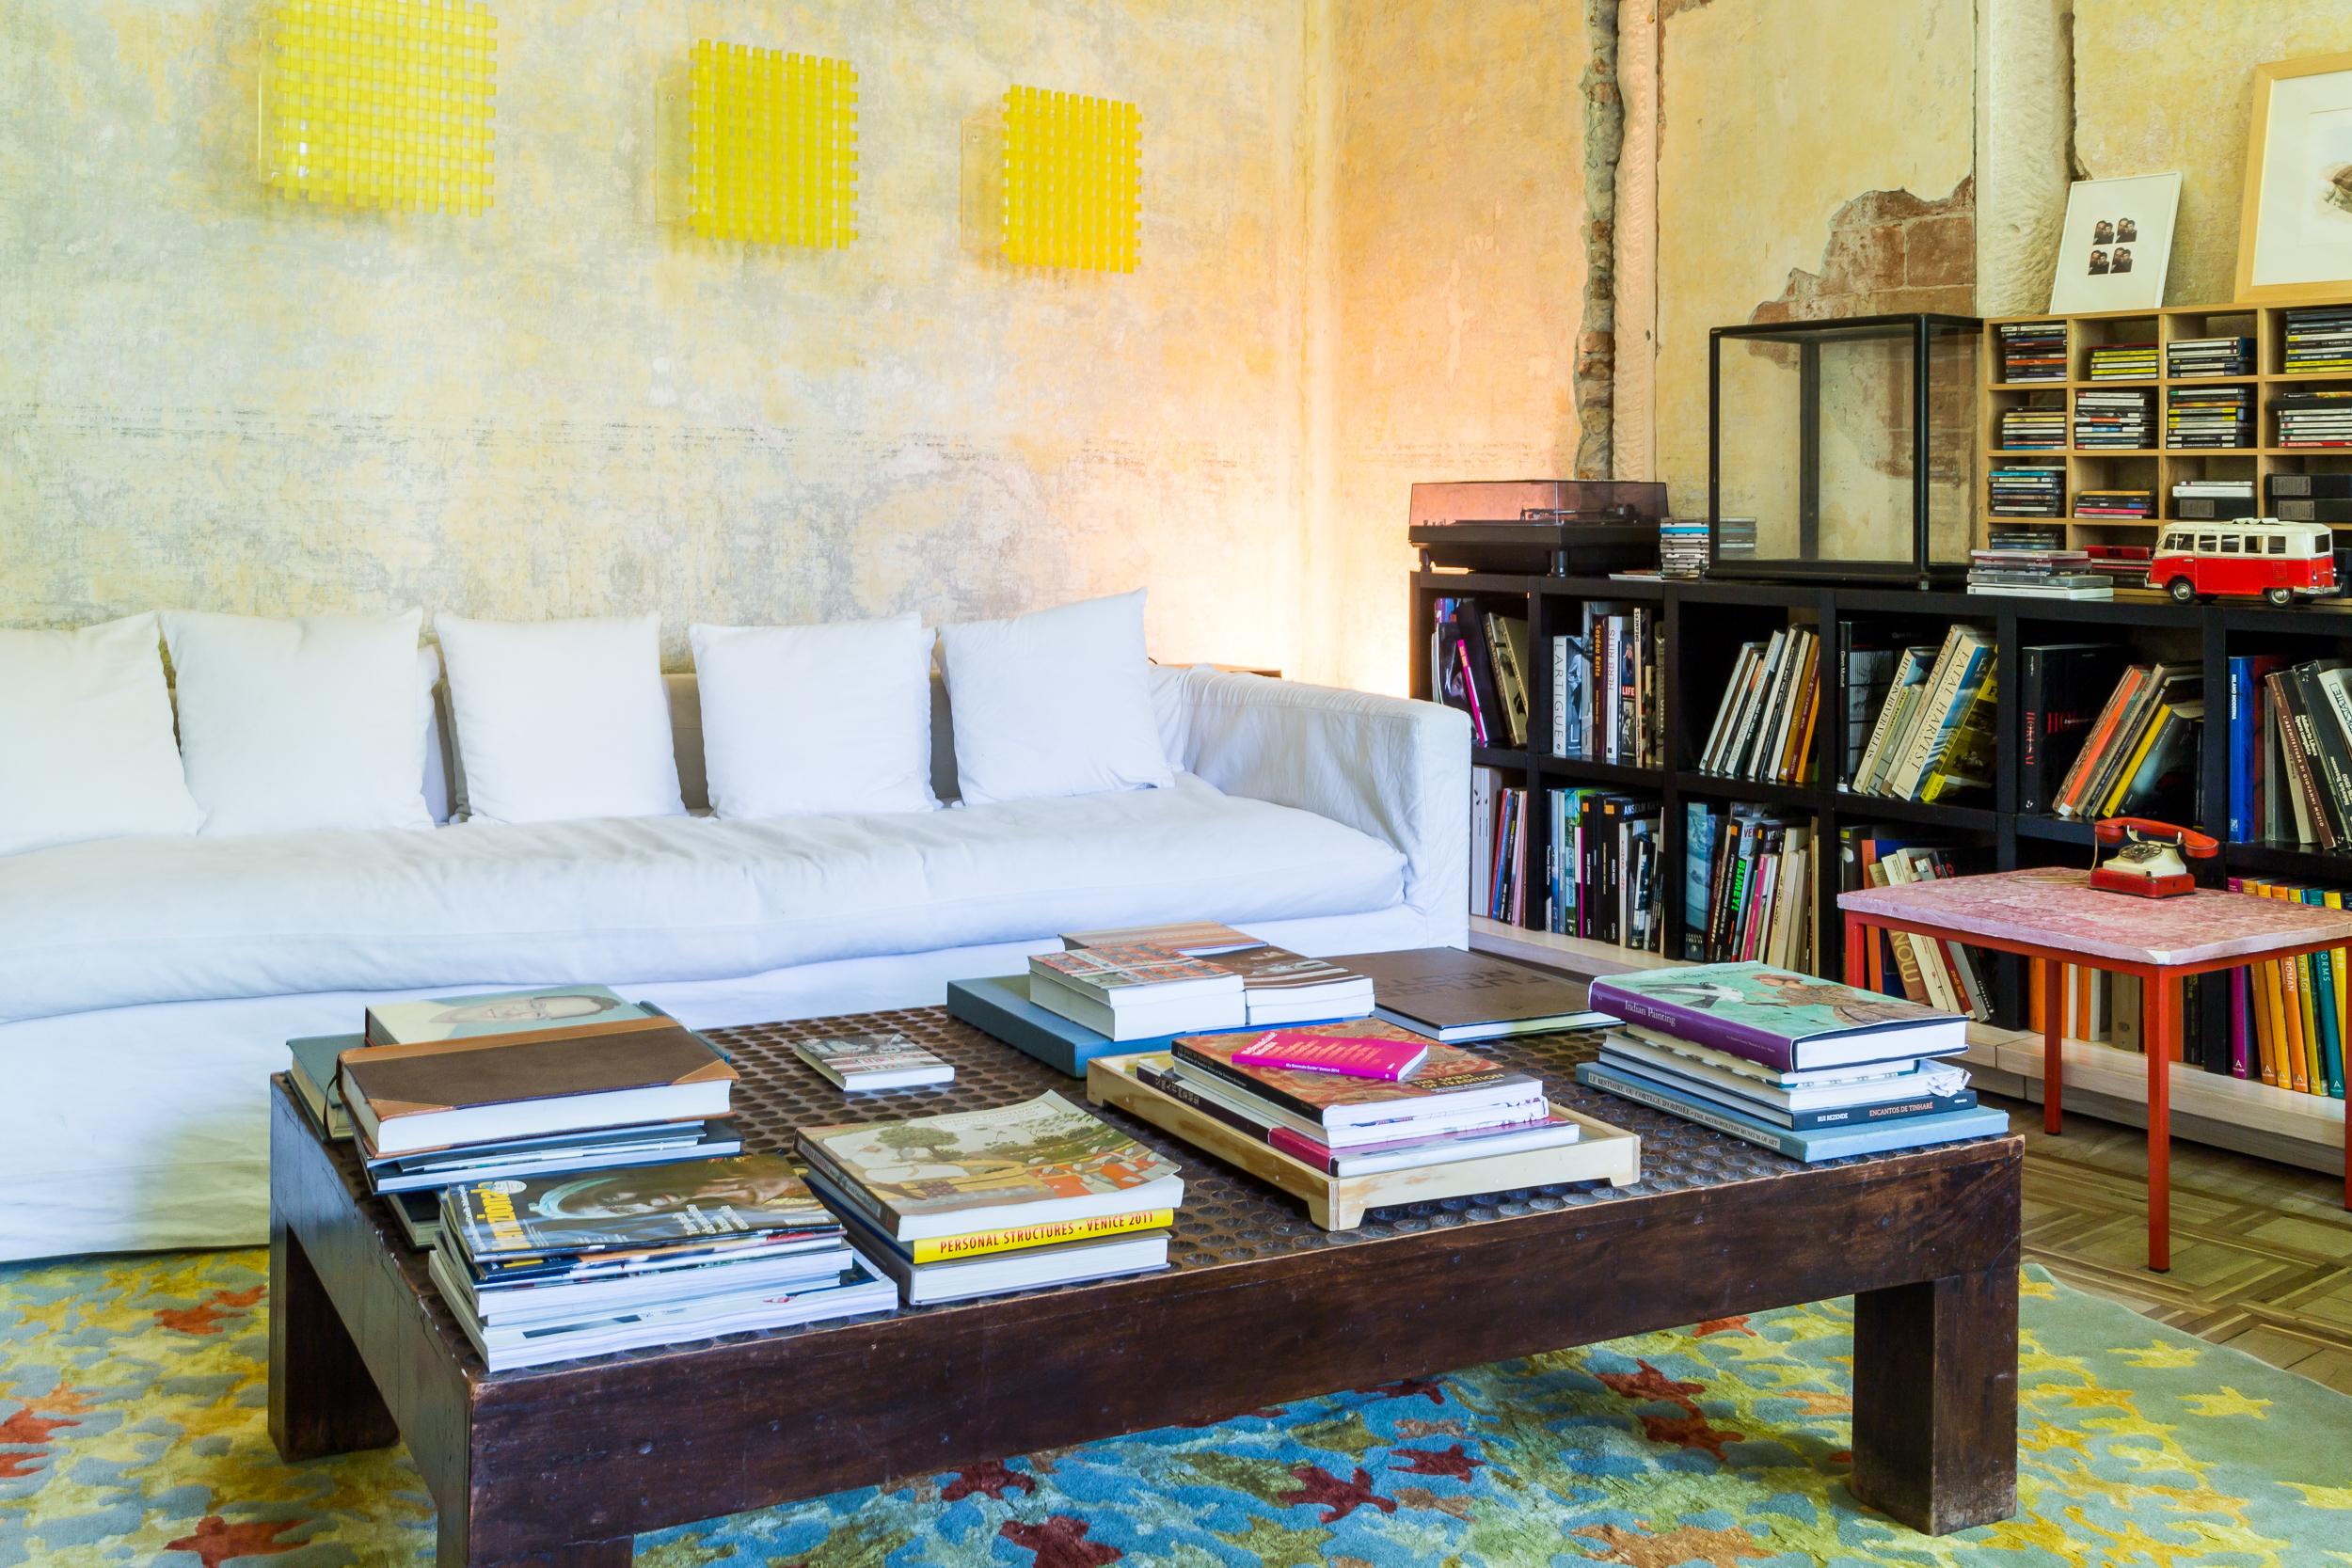 Il profondo divano si conferma l'anima del soggiorno, sul quale Cibic ama godersi il meritato relax comodamente sdraiato. A colorare l'ambiente, tre esemplari di Grid, teca trasparente con una porticina a griglia realizzata in plexiglass giallo opaco.